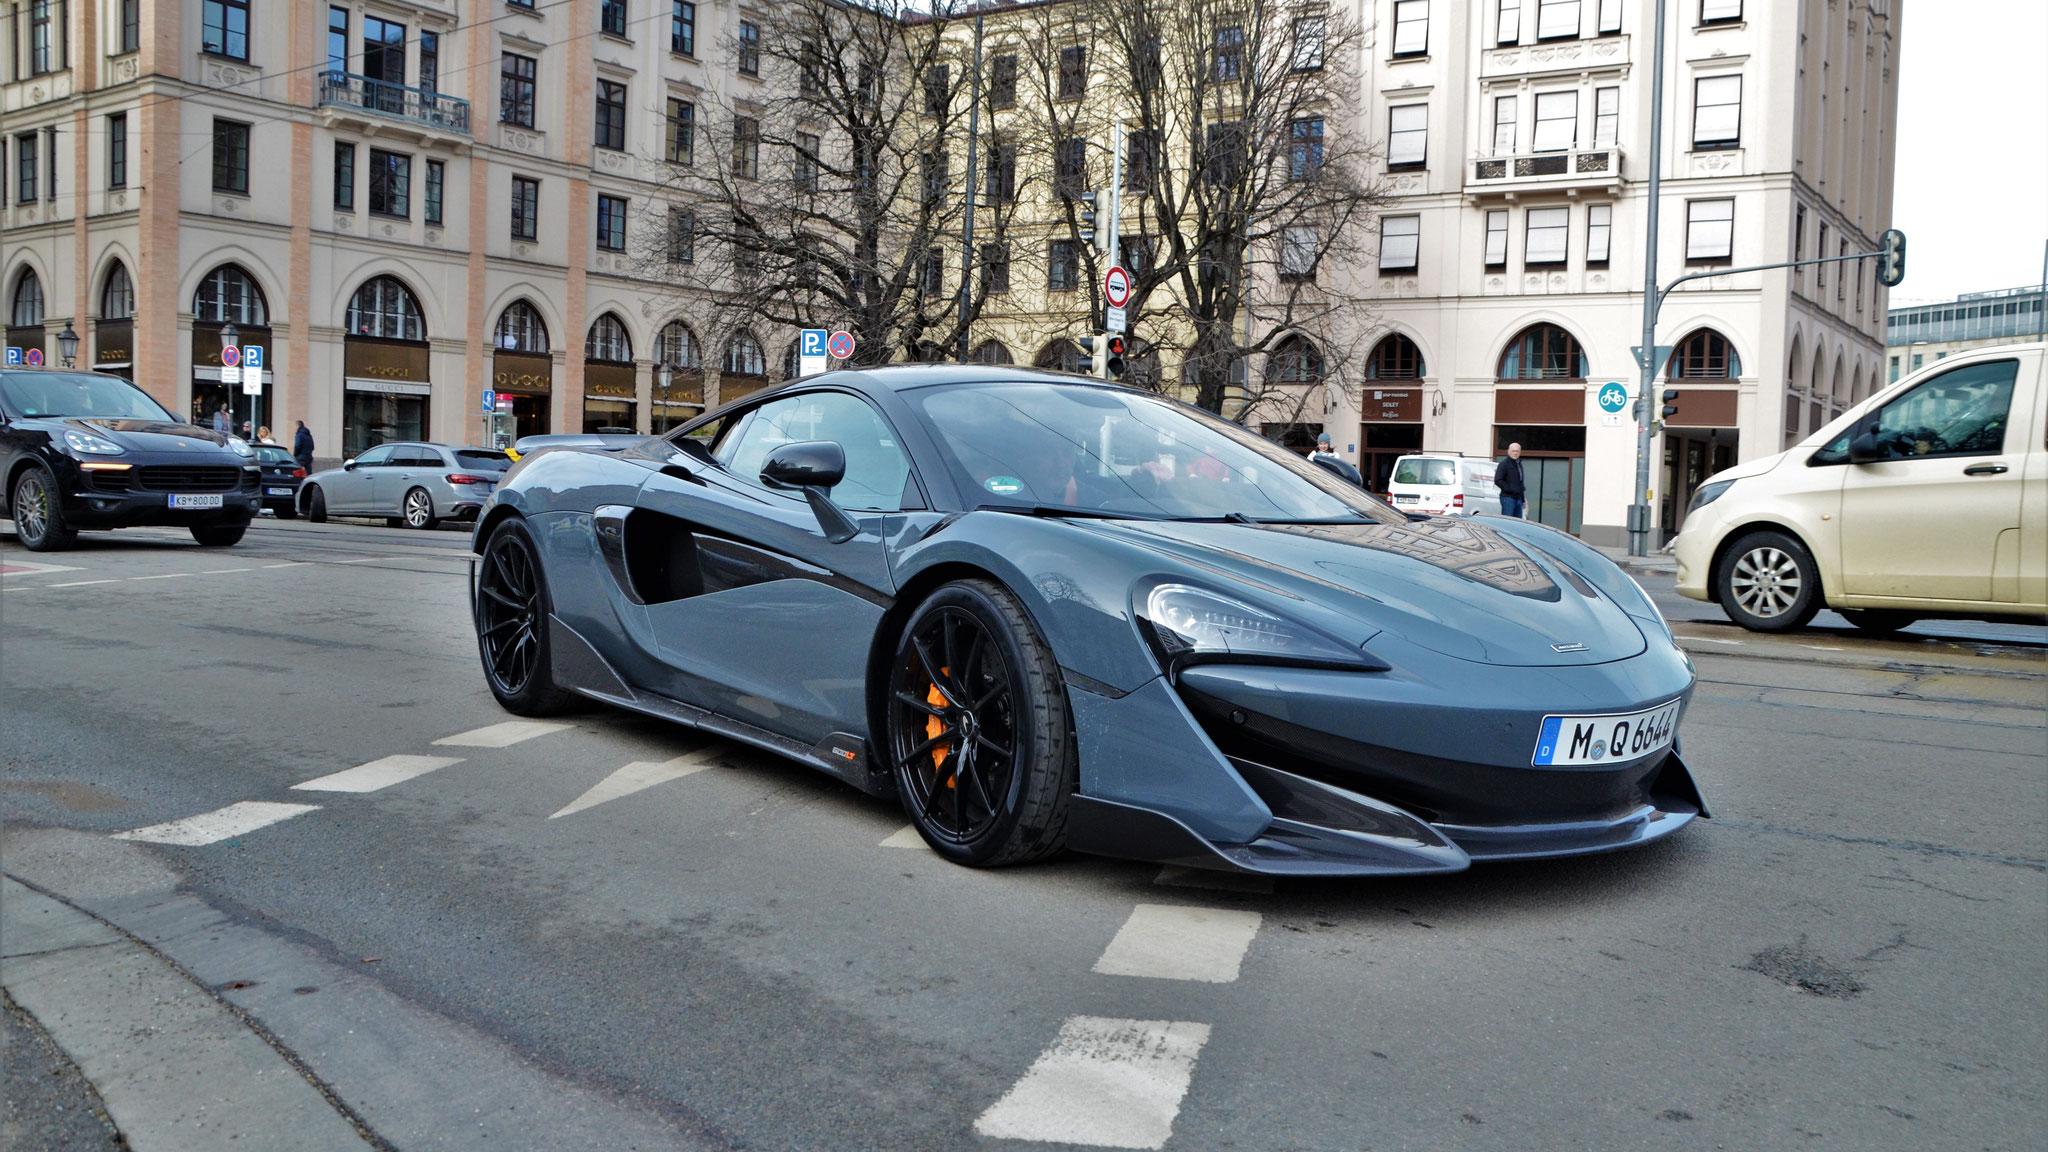 McLaren 600LT - M-G-6644